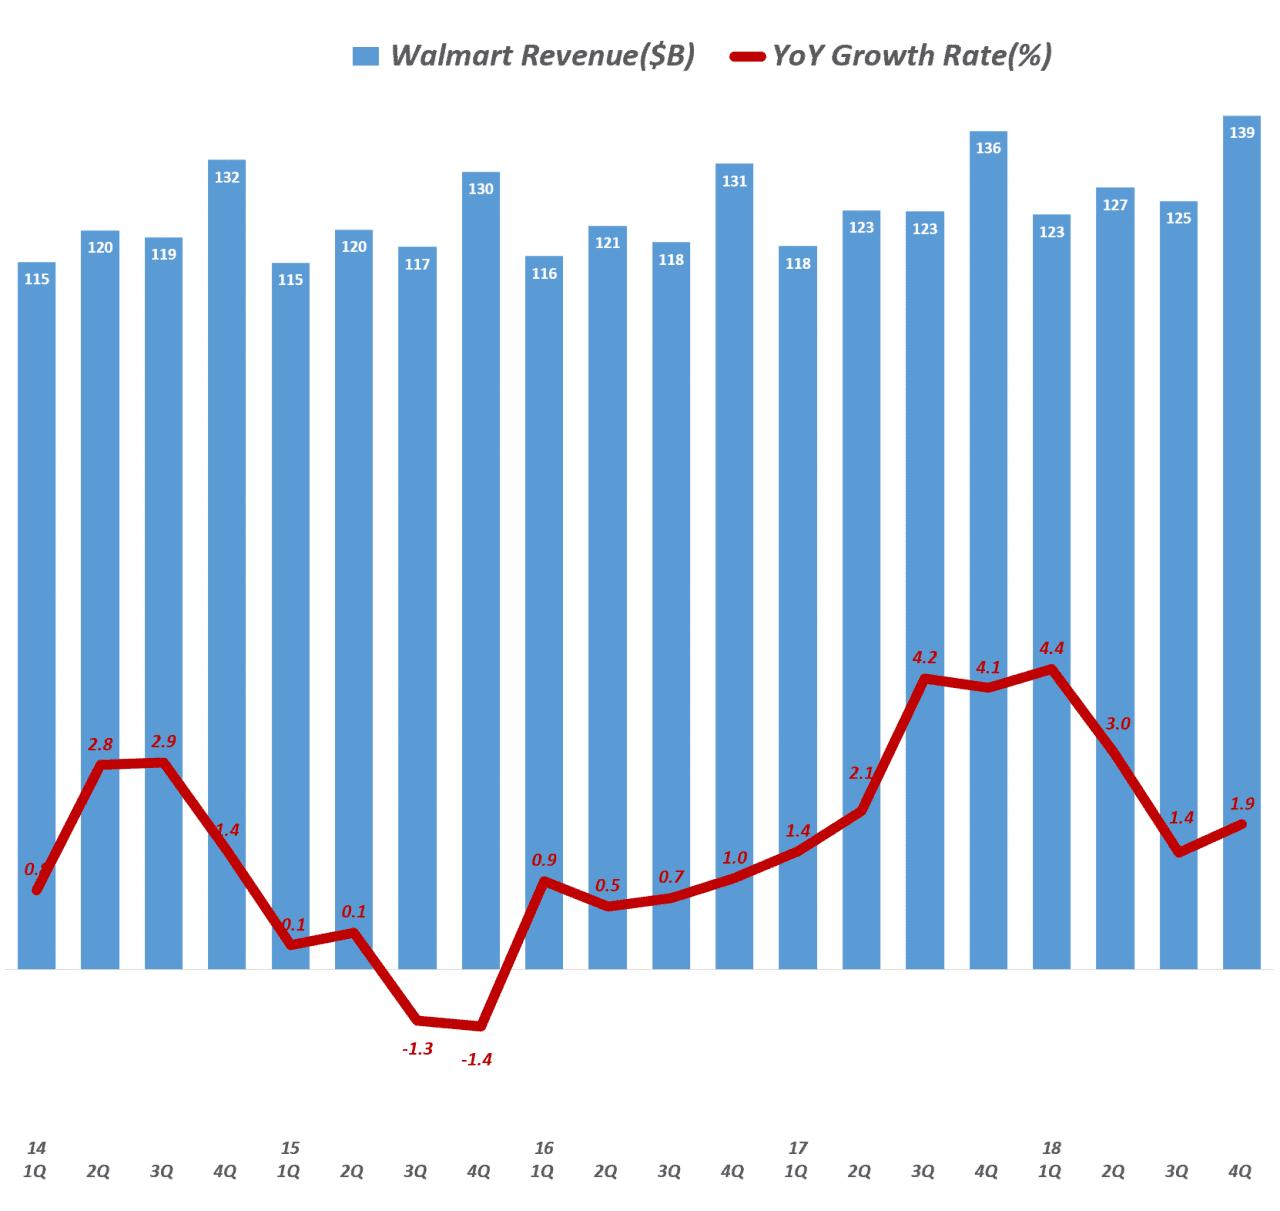 월마트 분기별 매출 및 매출액 증가율(2014년 1분기 ~ 2018년 4분기), Walmart revenue & YoY growth rate(%), Graph by Happist